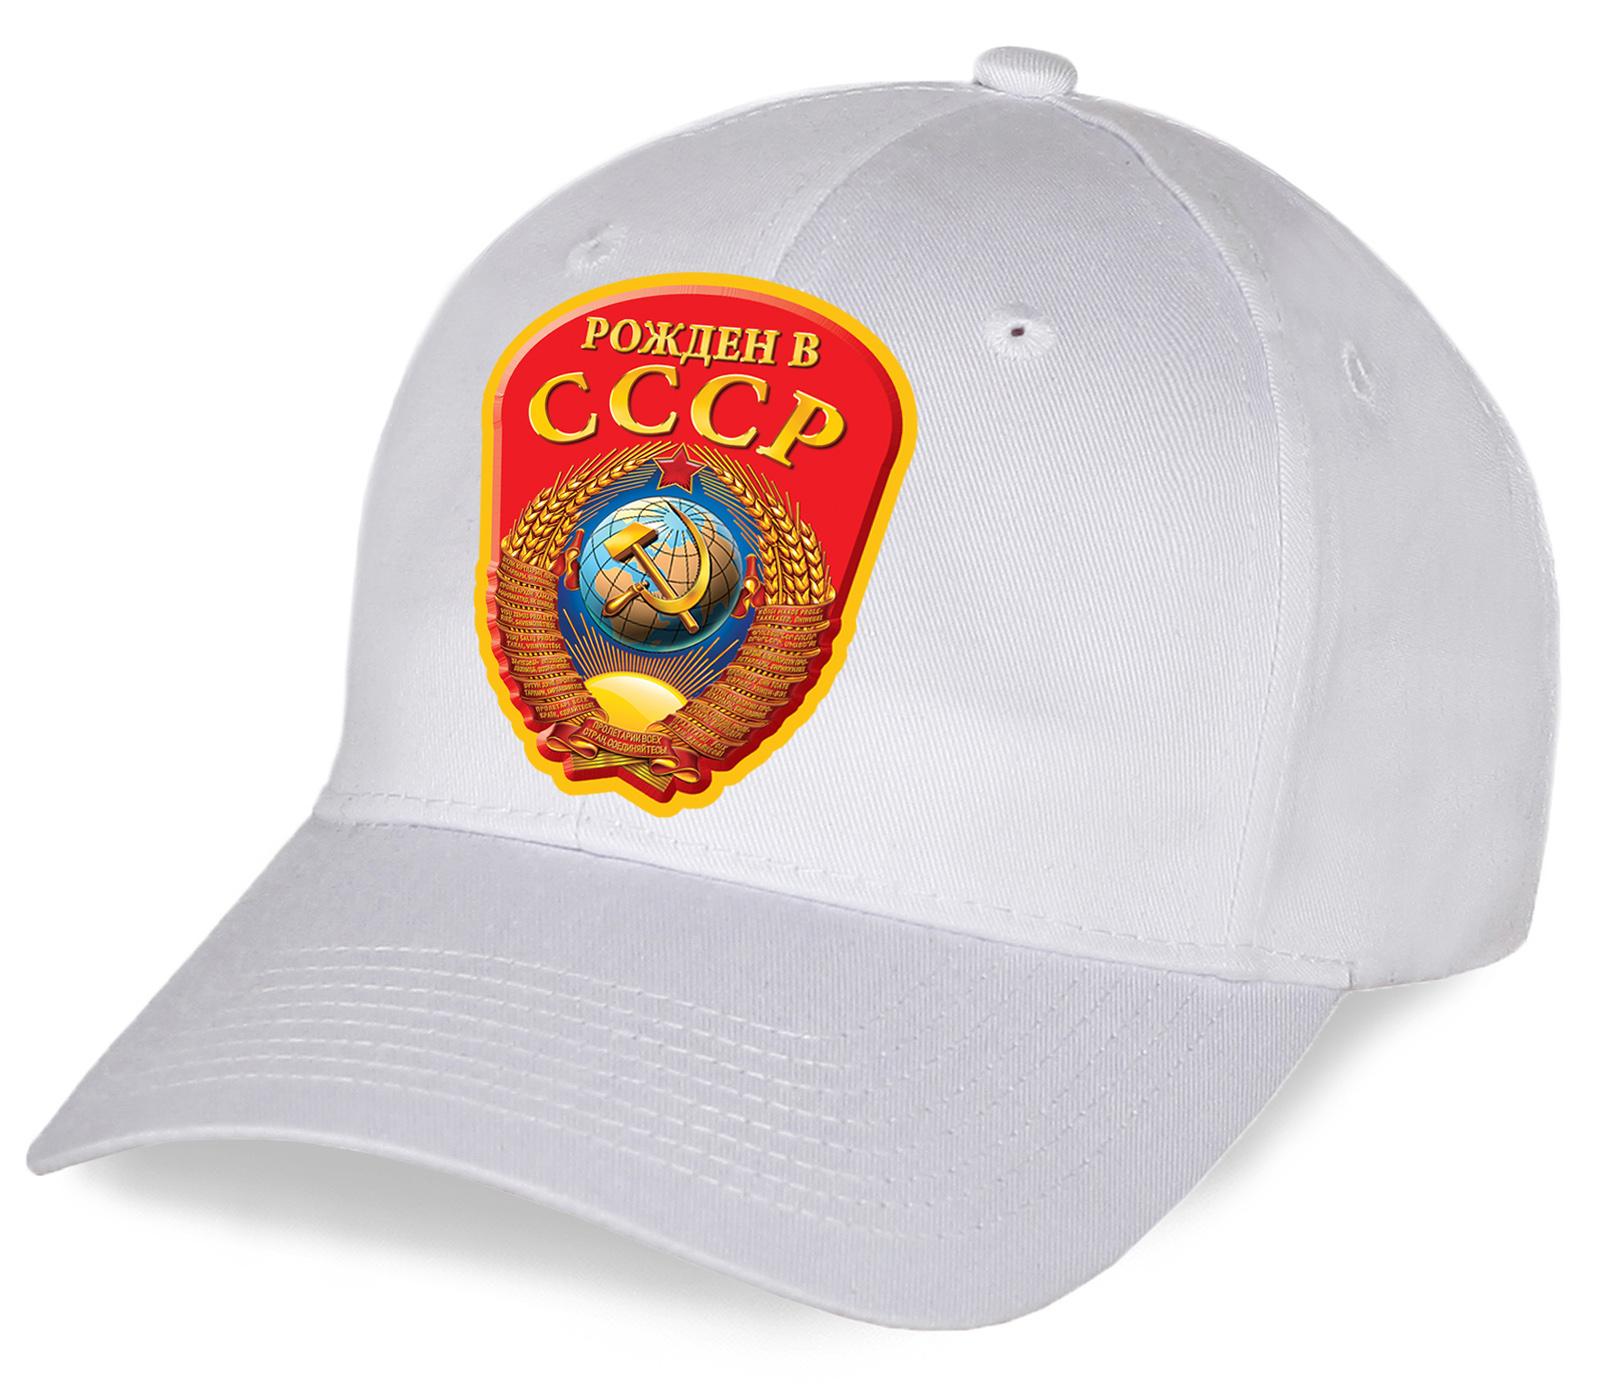 Белая классическая бейсболка Рожден в СССР - заказать онлайн